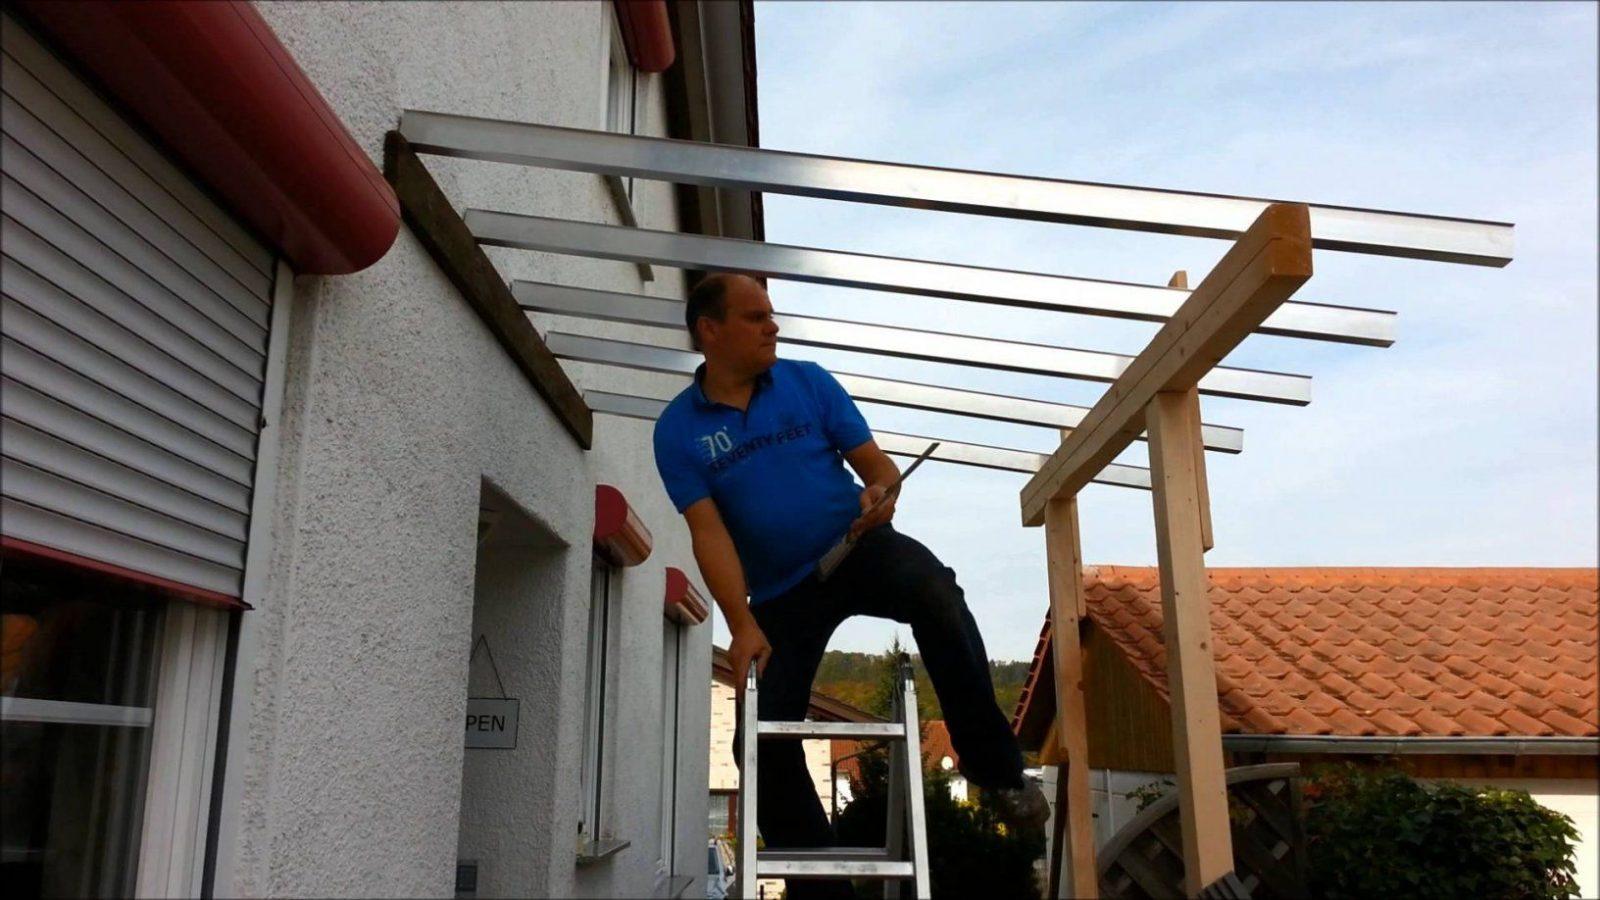 Haustür Vordach Selber Bauen : wie plant man ein vordach an der haust r youtube von vordach selber bauen bauanleitung photo ~ Watch28wear.com Haus und Dekorationen